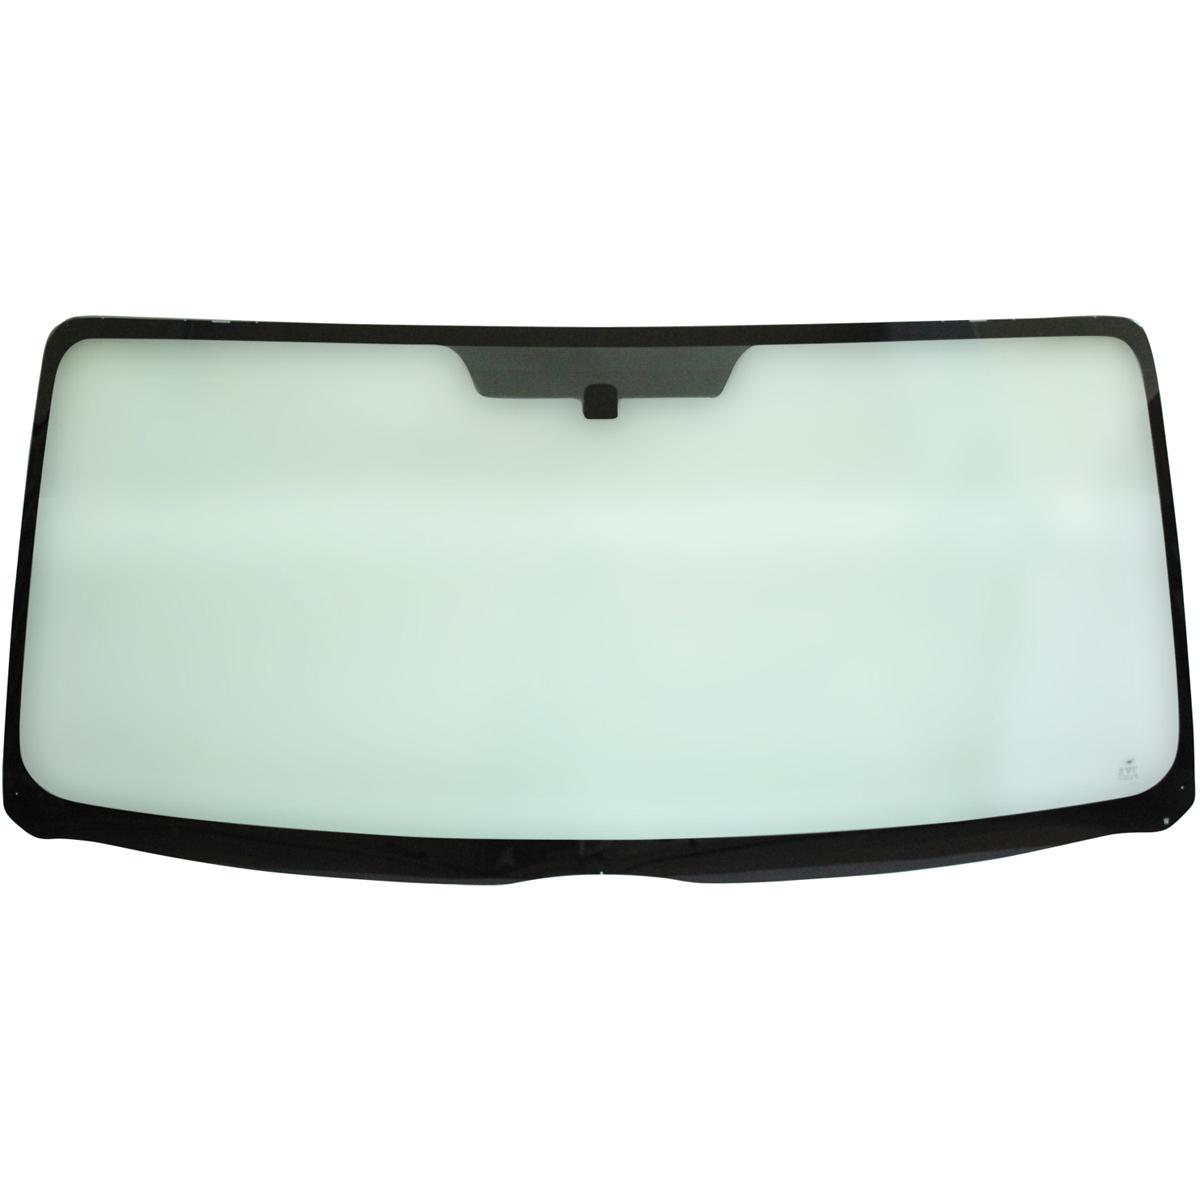 フロントガラスとウィンドシールドモールセット トヨタ ハイエース WG 限定価格セール コミューター ワイド用フロントガラス 価格交渉OK送料無料 ガラス色:グリーン ガラス型式:RR11 年式:H.29.12- ウィンドシールドモールセット 車両型式:220系